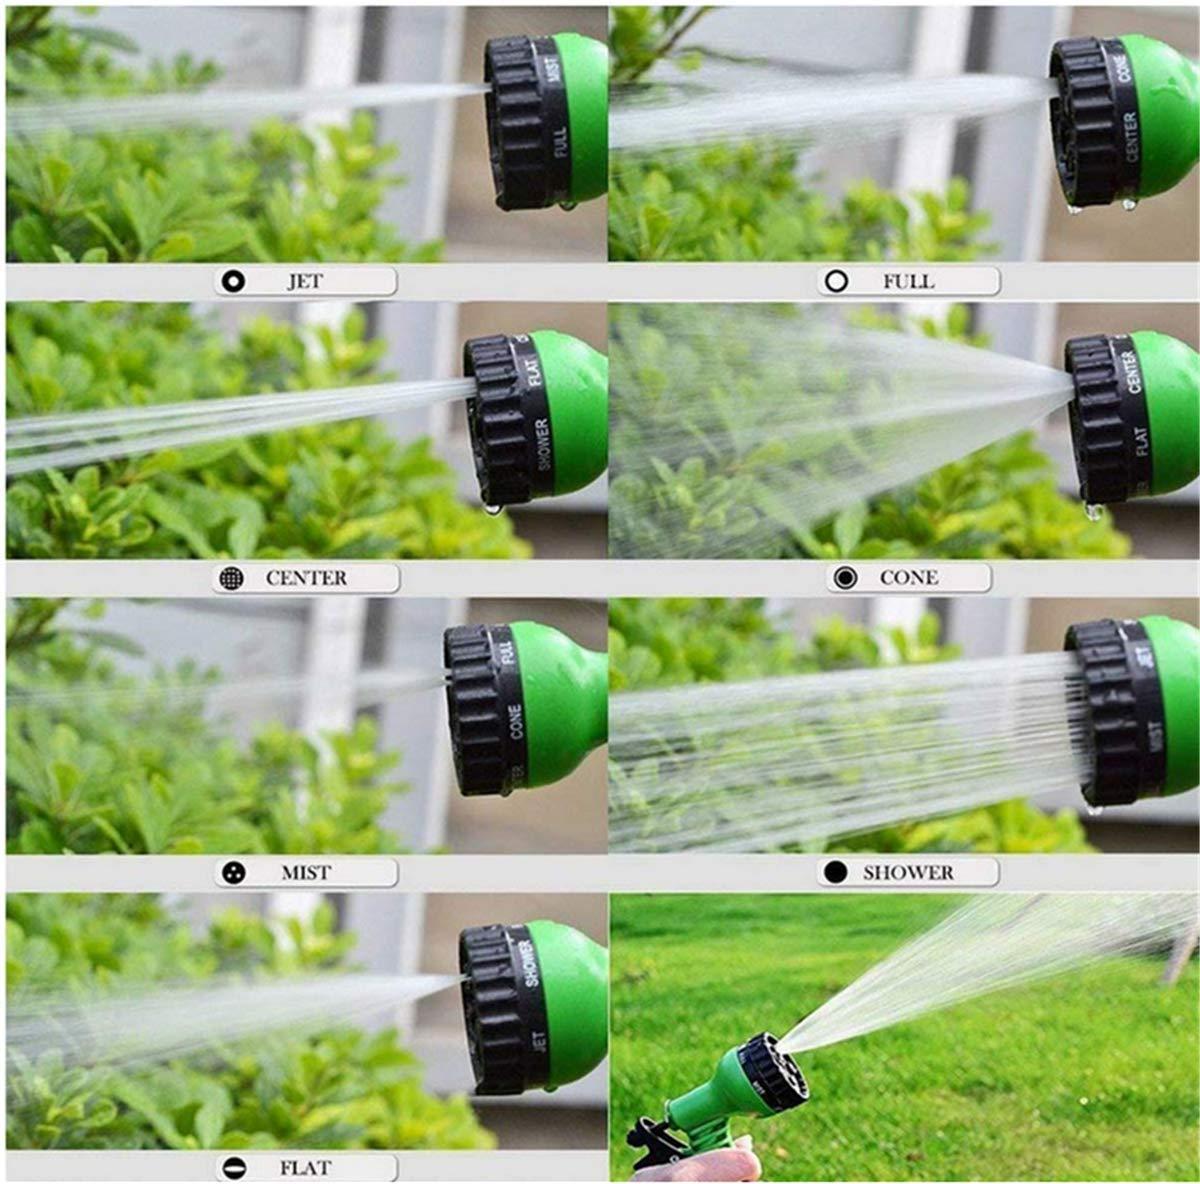 Marbeine Manguera de riego Flexible y Extensible con 7 Funciones 25FT: 7,5 m, Azul Pistola para riego y Limpieza de jard/ín